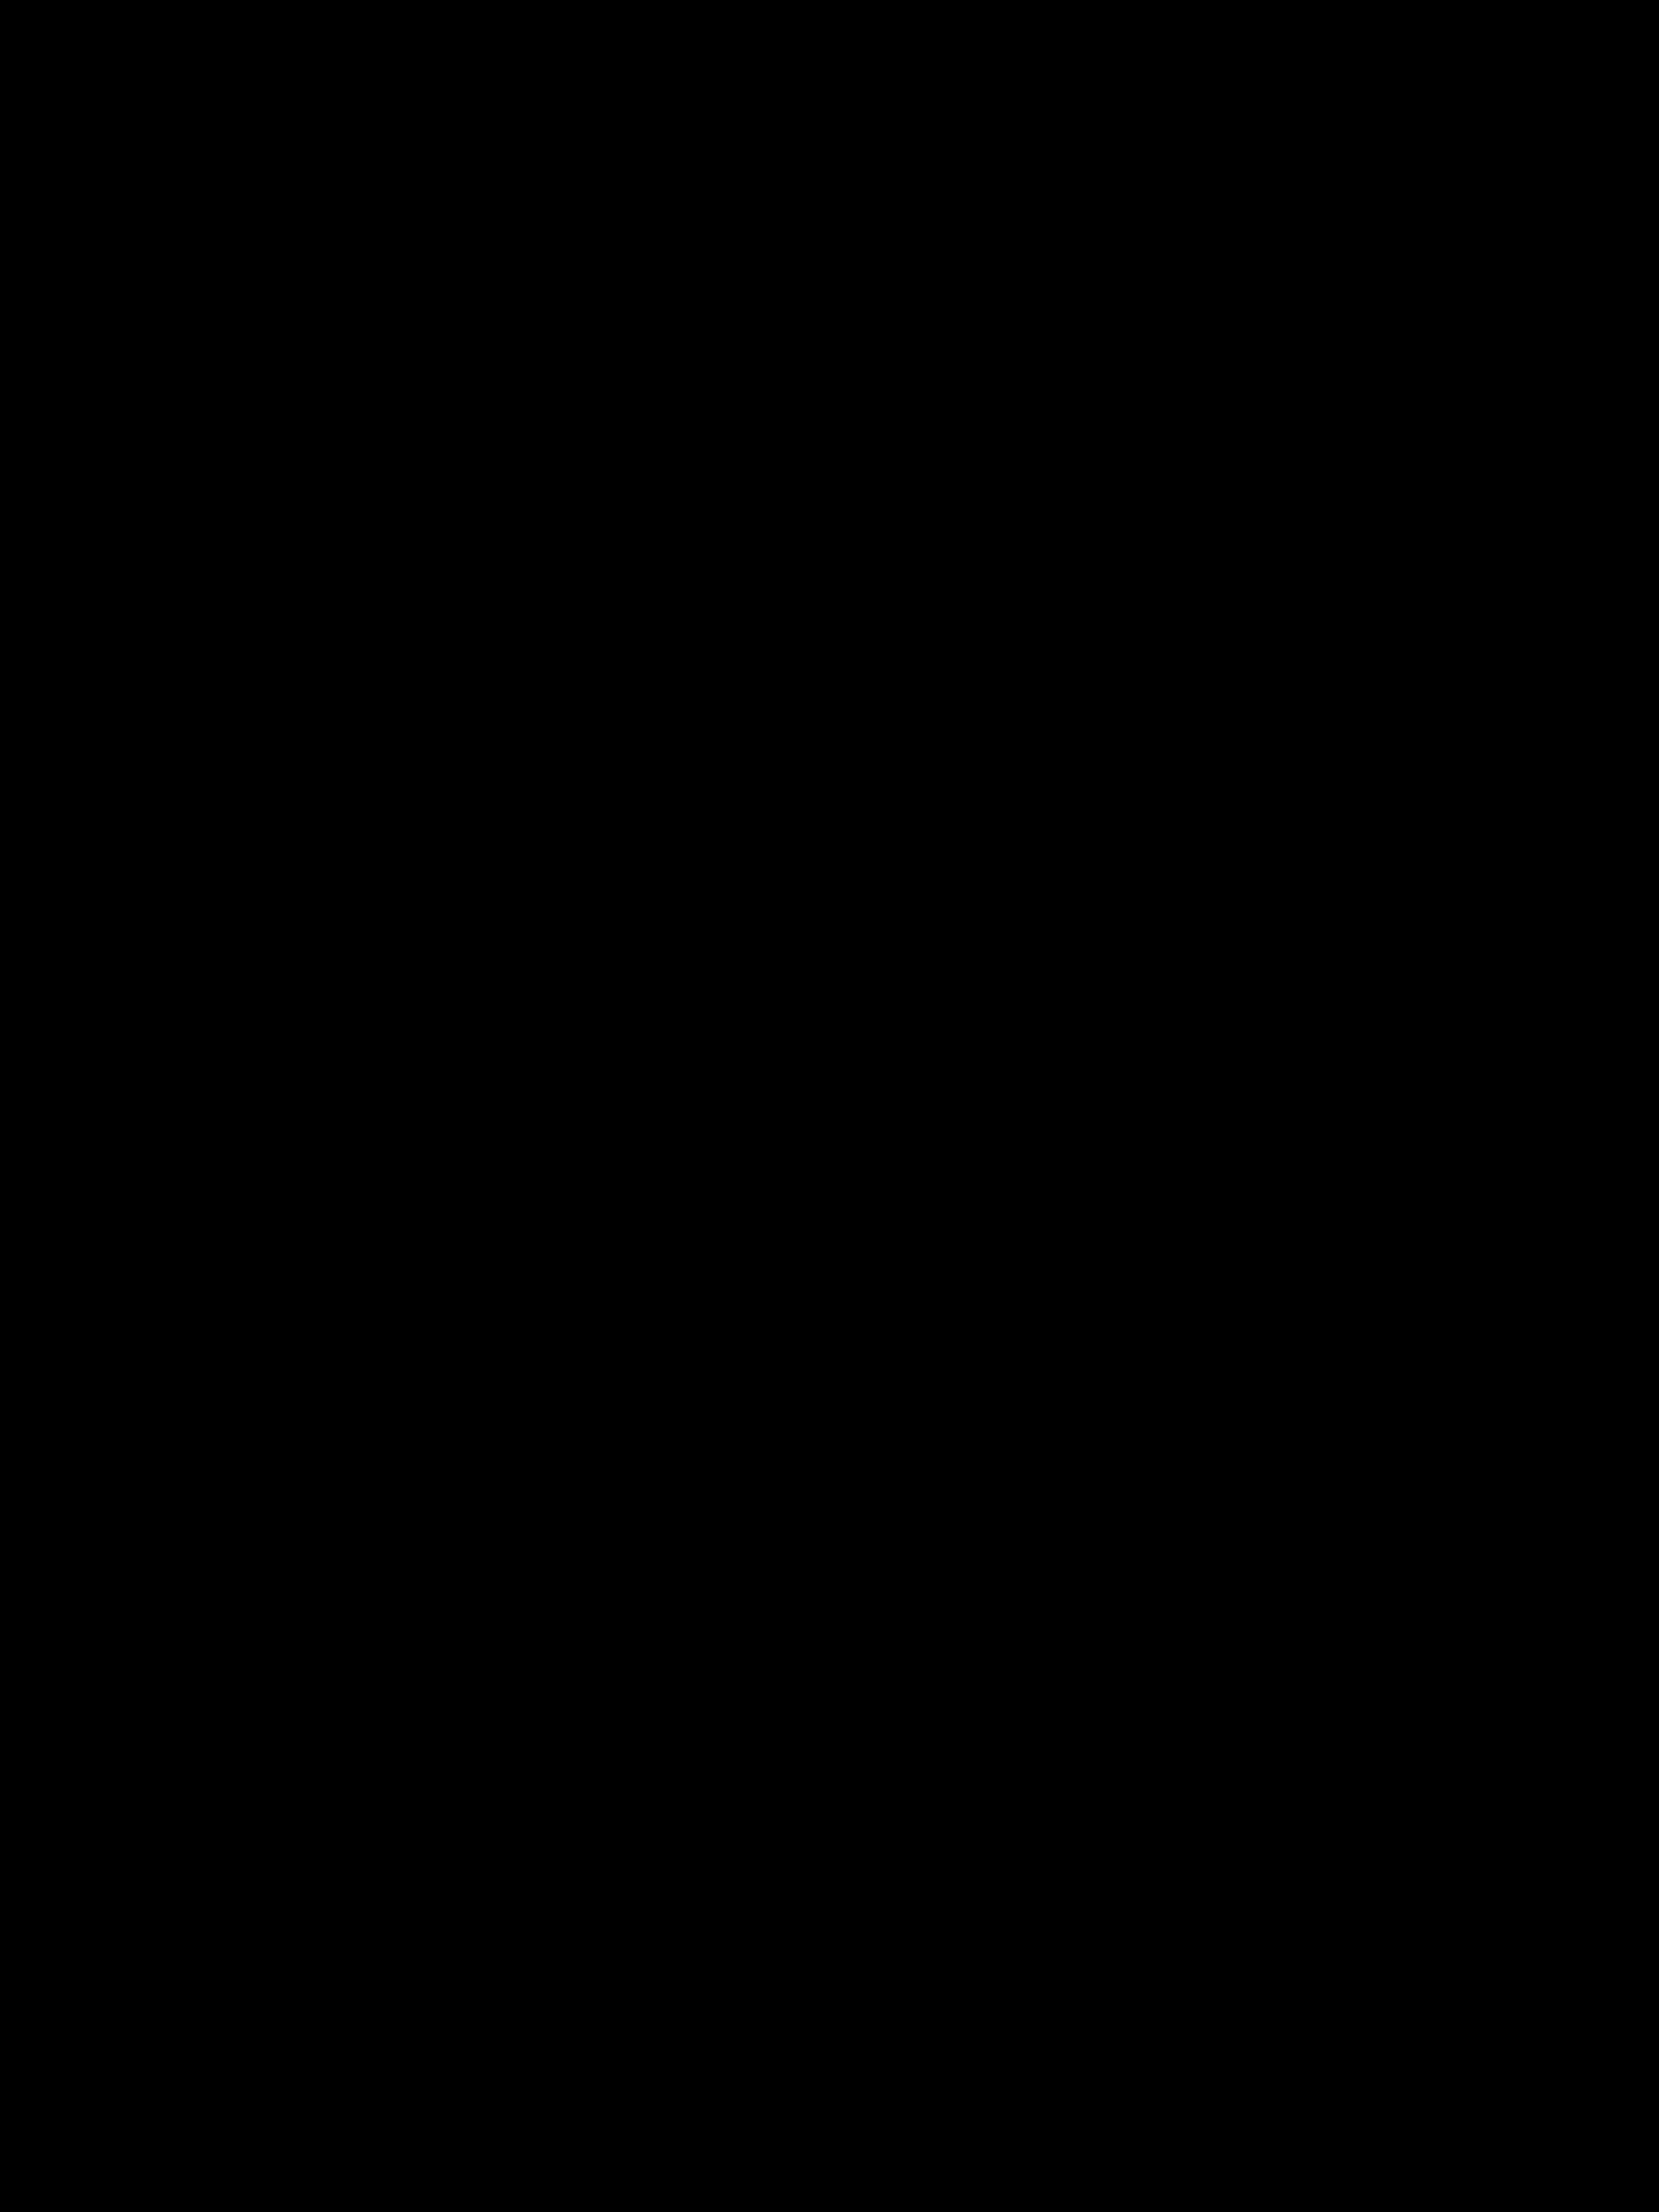 NIRVAN JAVAN / OPTI 2020 PREVIEW